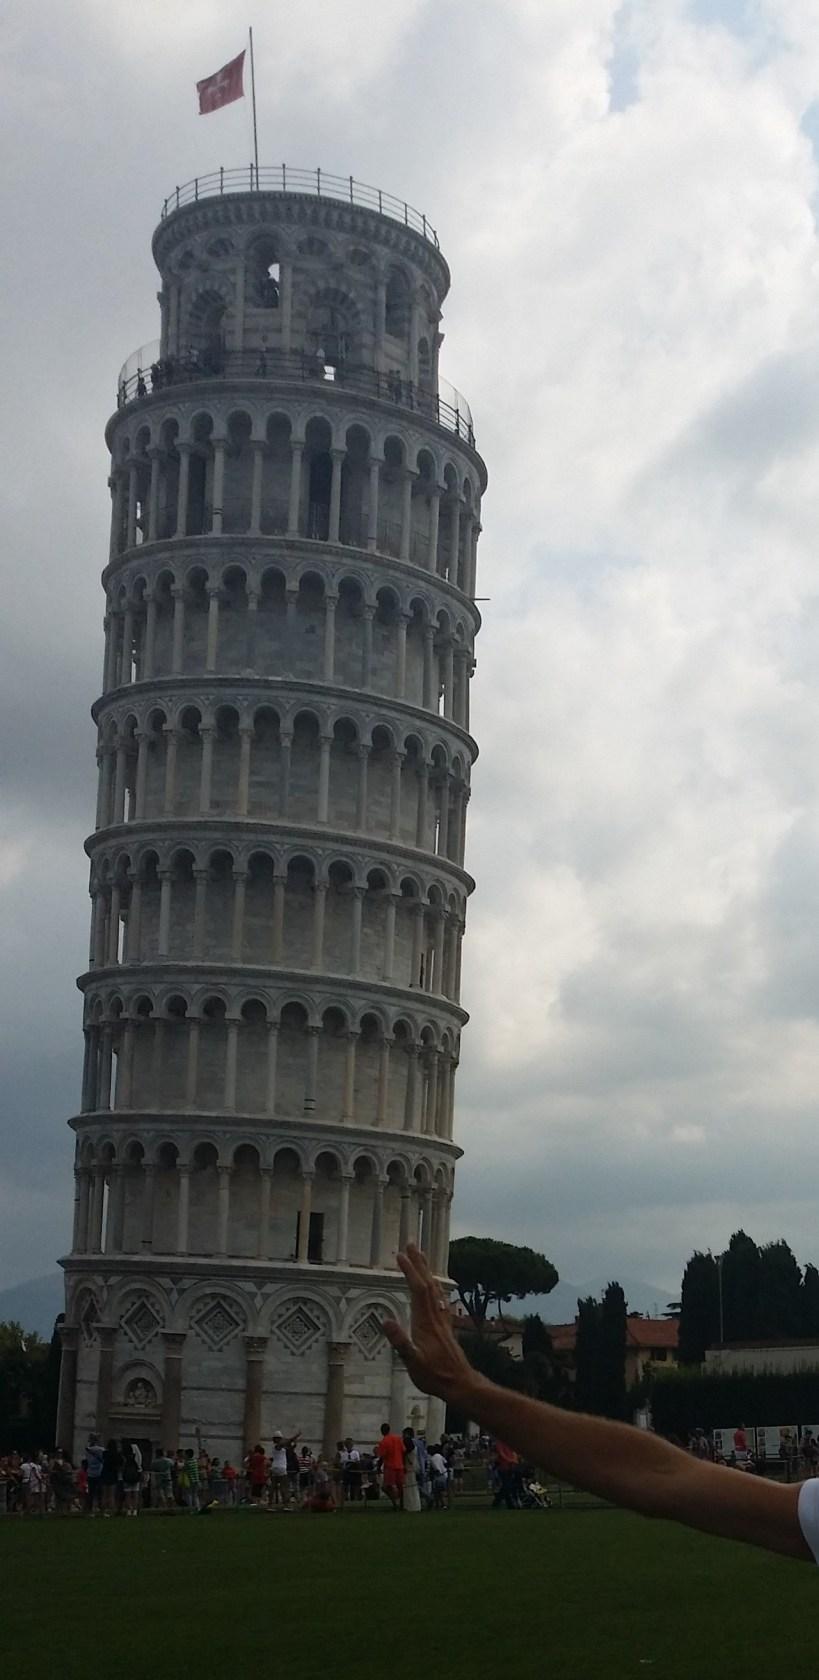 Torre inclinada. Pisa (Italia)